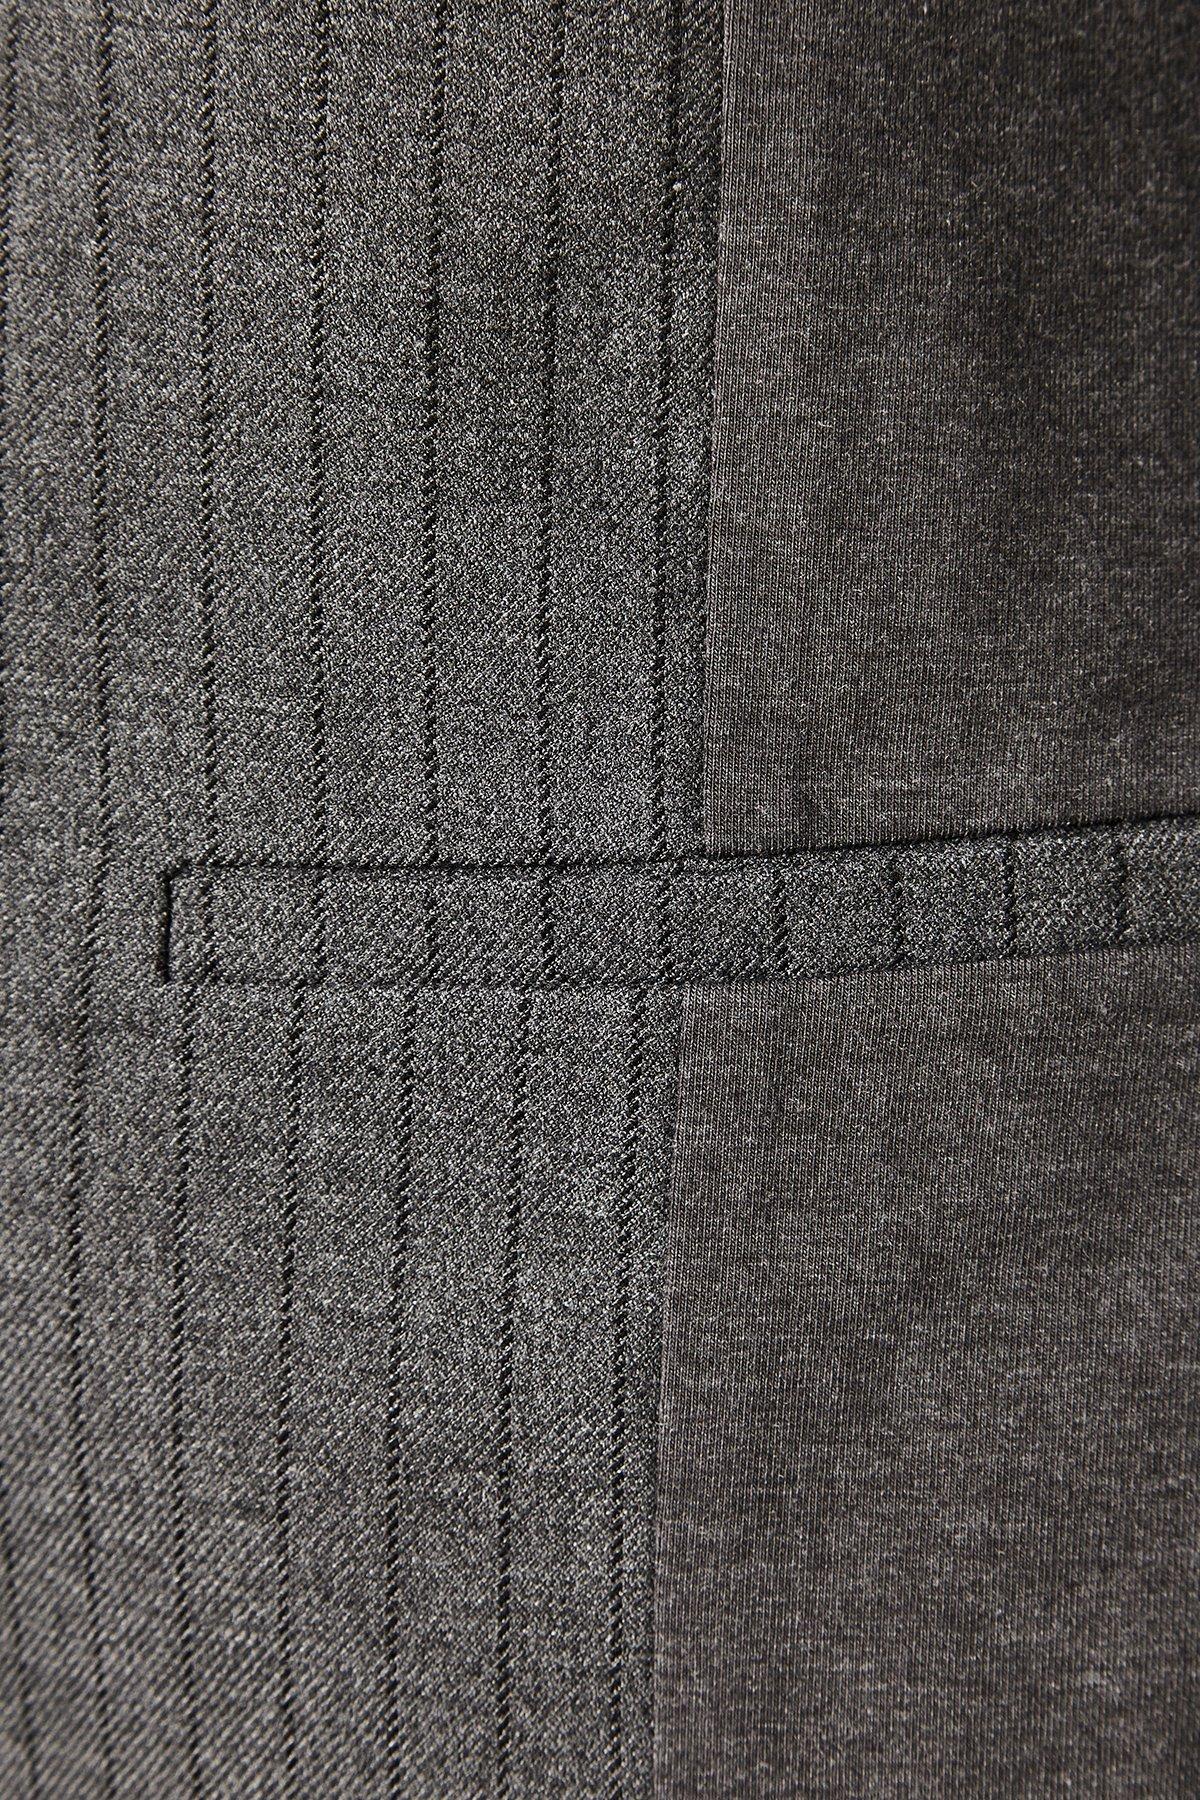 Dunkelgrau meliert/schwarz Blazer von Kaffe – Shoppen Sie Dunkelgrau meliert/schwarz Blazer ab Gr. 34-46 hier